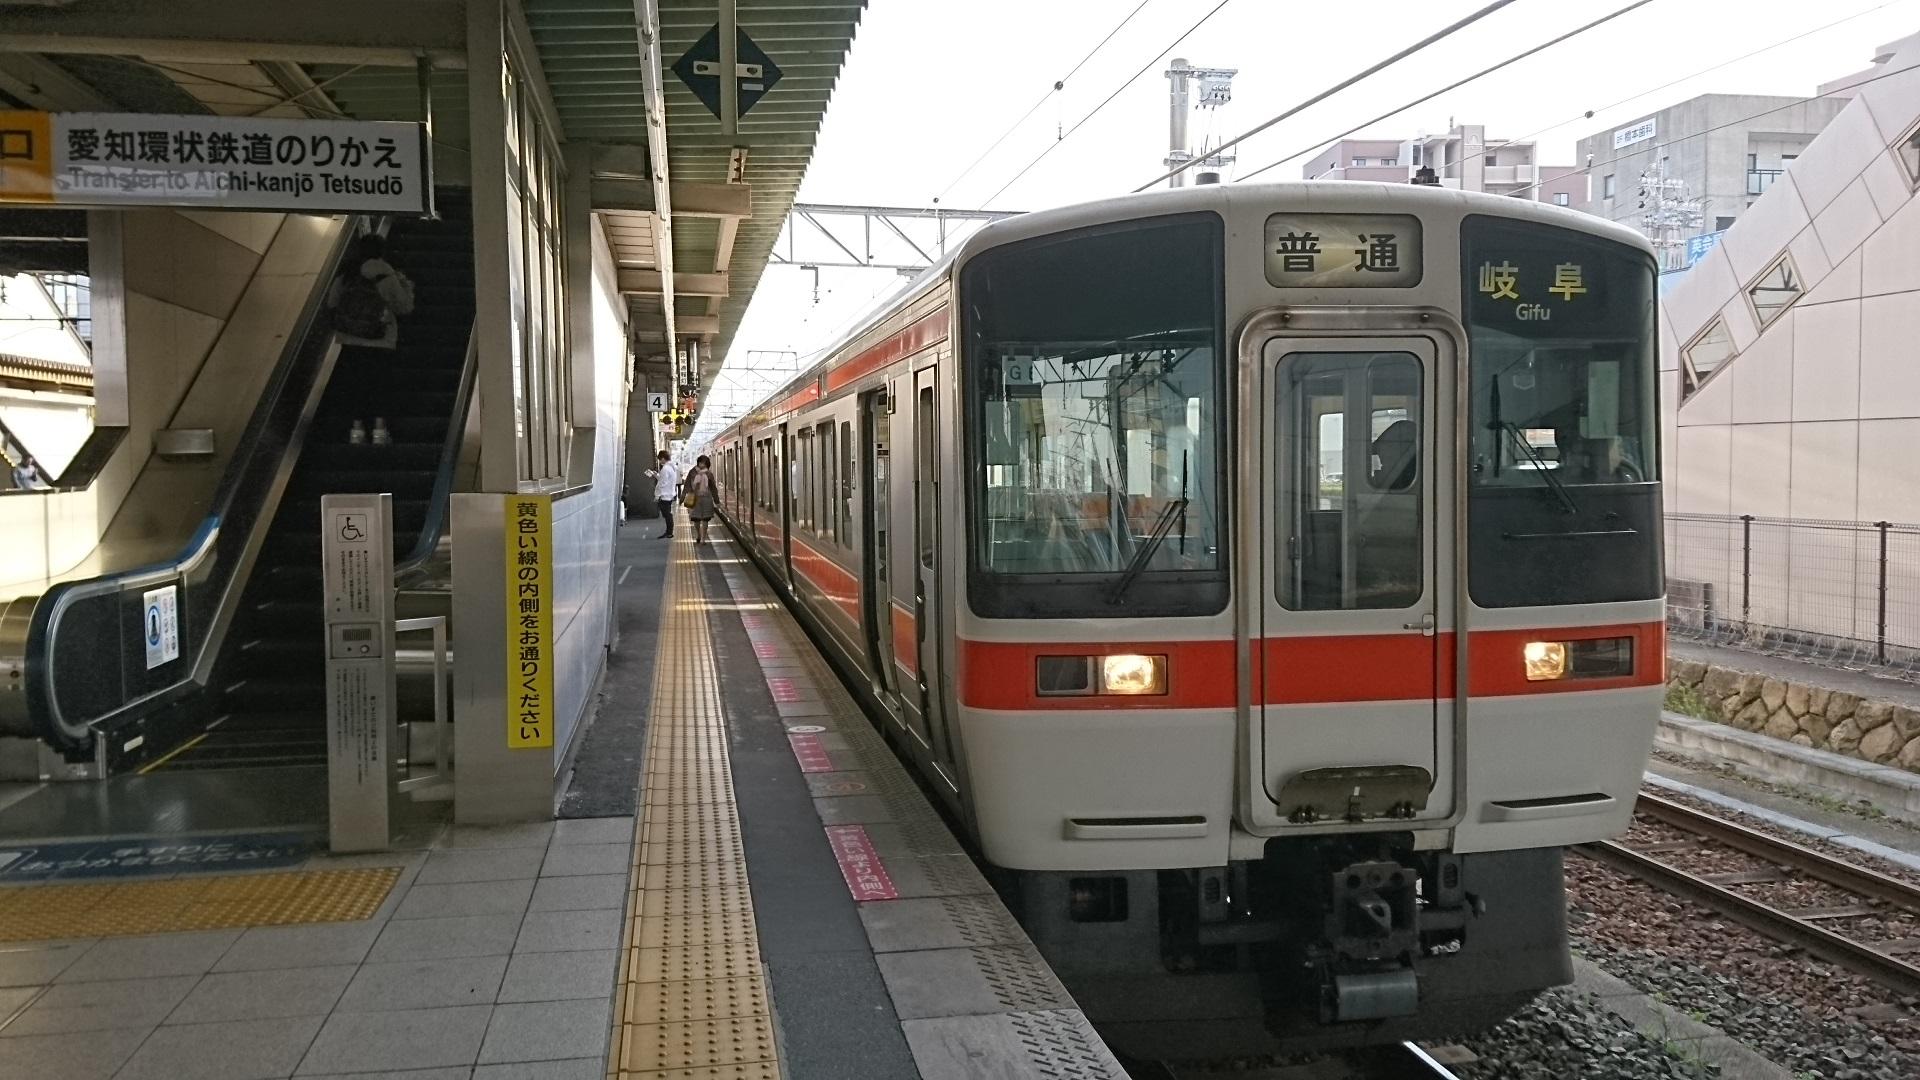 2017.3.23 東海道線 (24) 岡崎 - 岐阜いきふつう 1920-1080